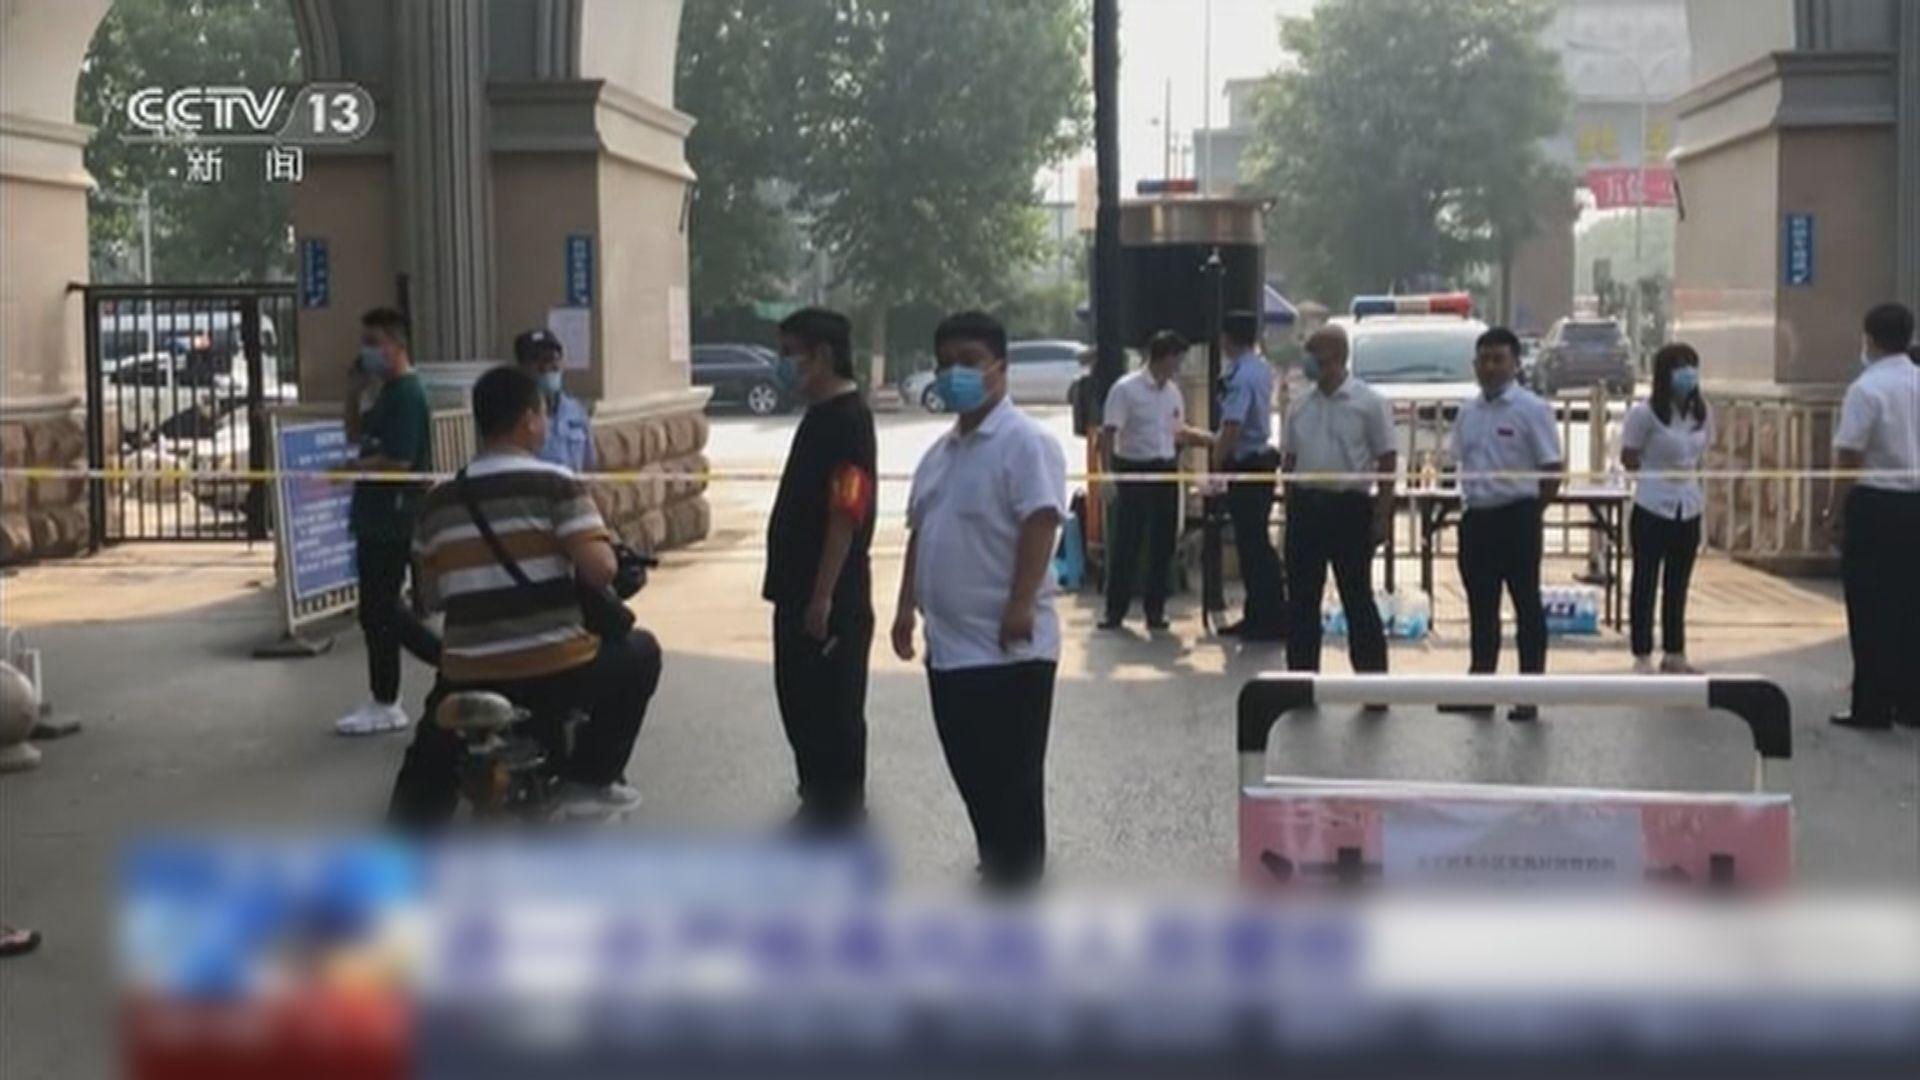 北京市嚴格控制人員進出防範疫情